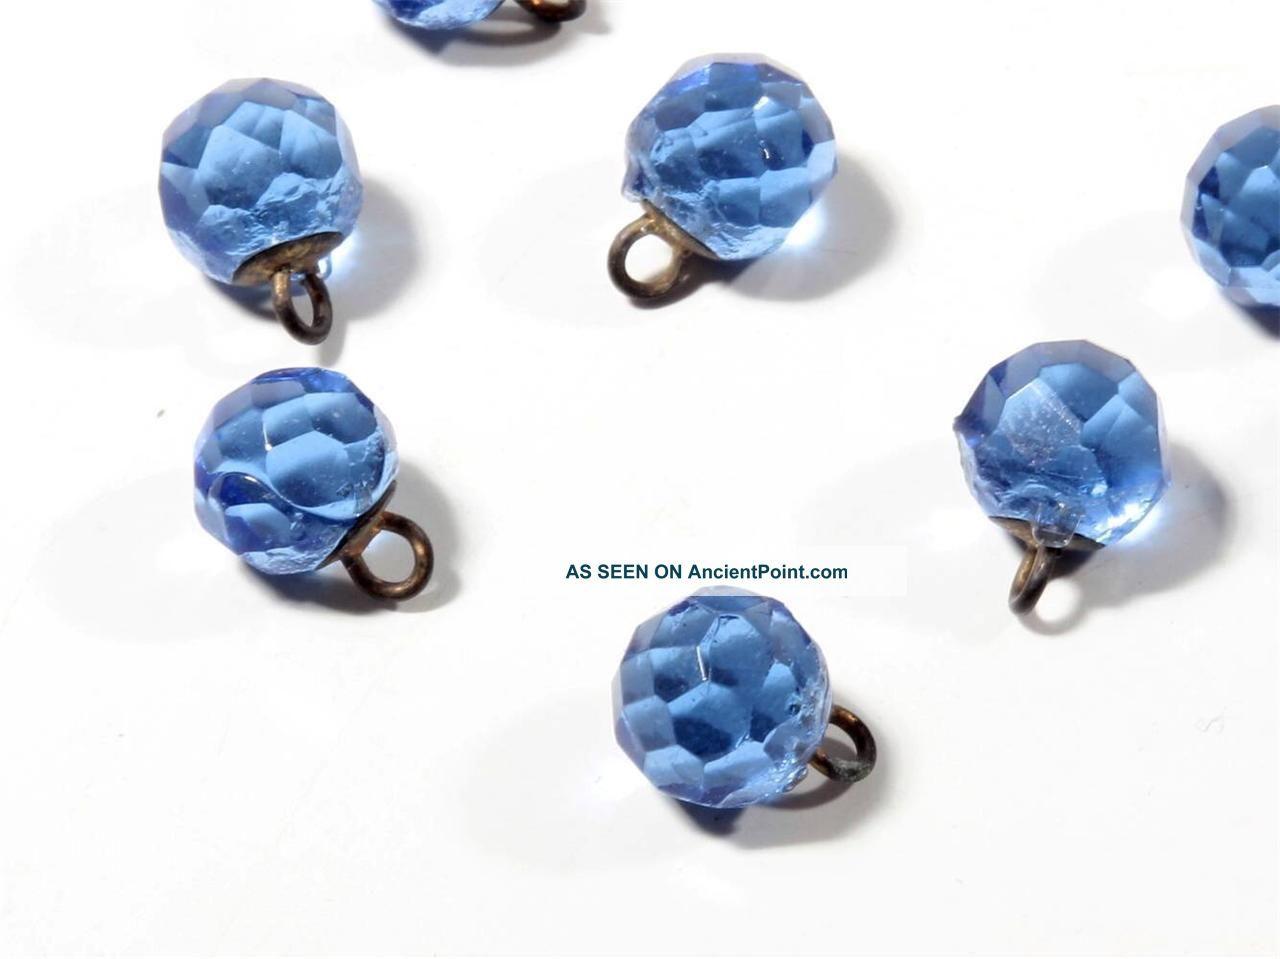 8mm Rare Victorian Vtg Czech Faceted Sapphire Glass Waistcoat Ball Buttons